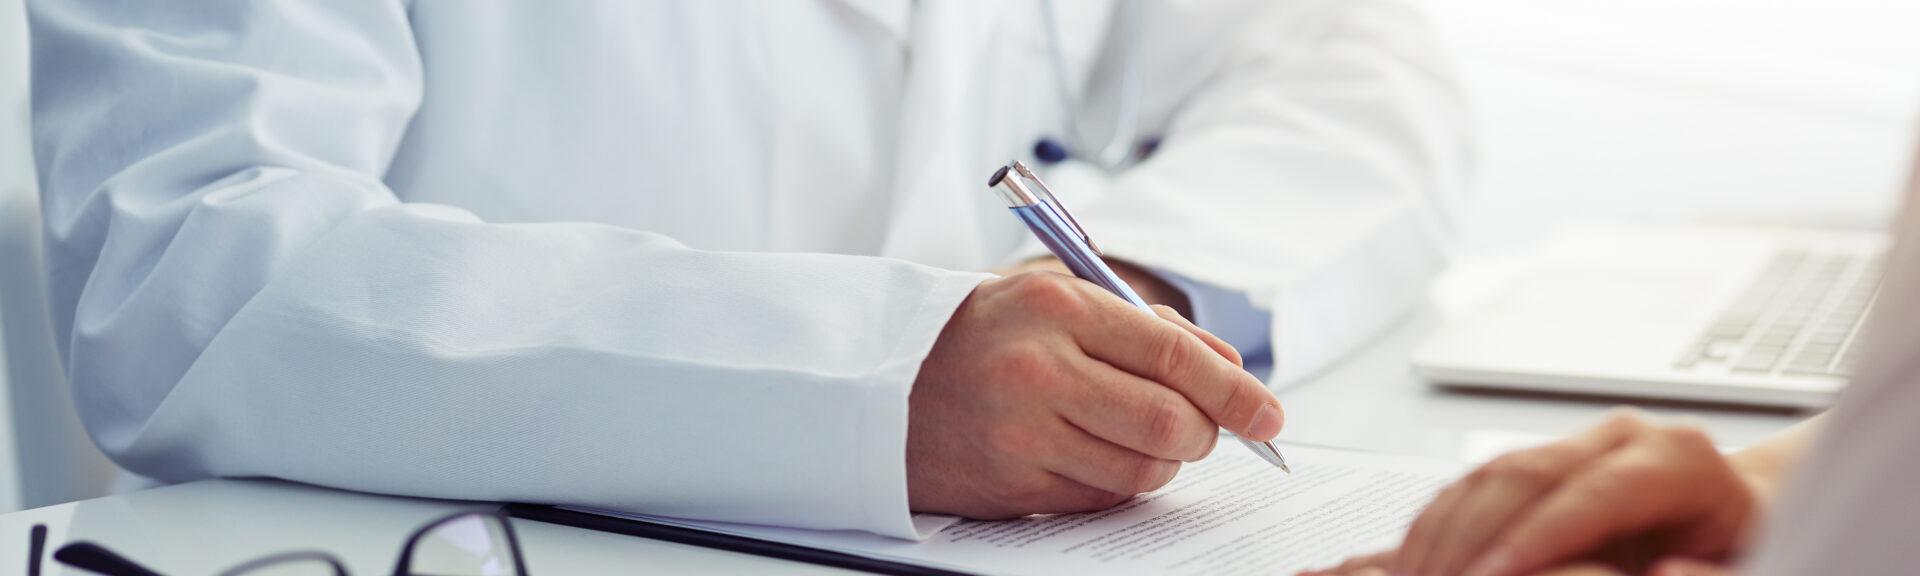 Arzt schreibend am Arbeitstisch